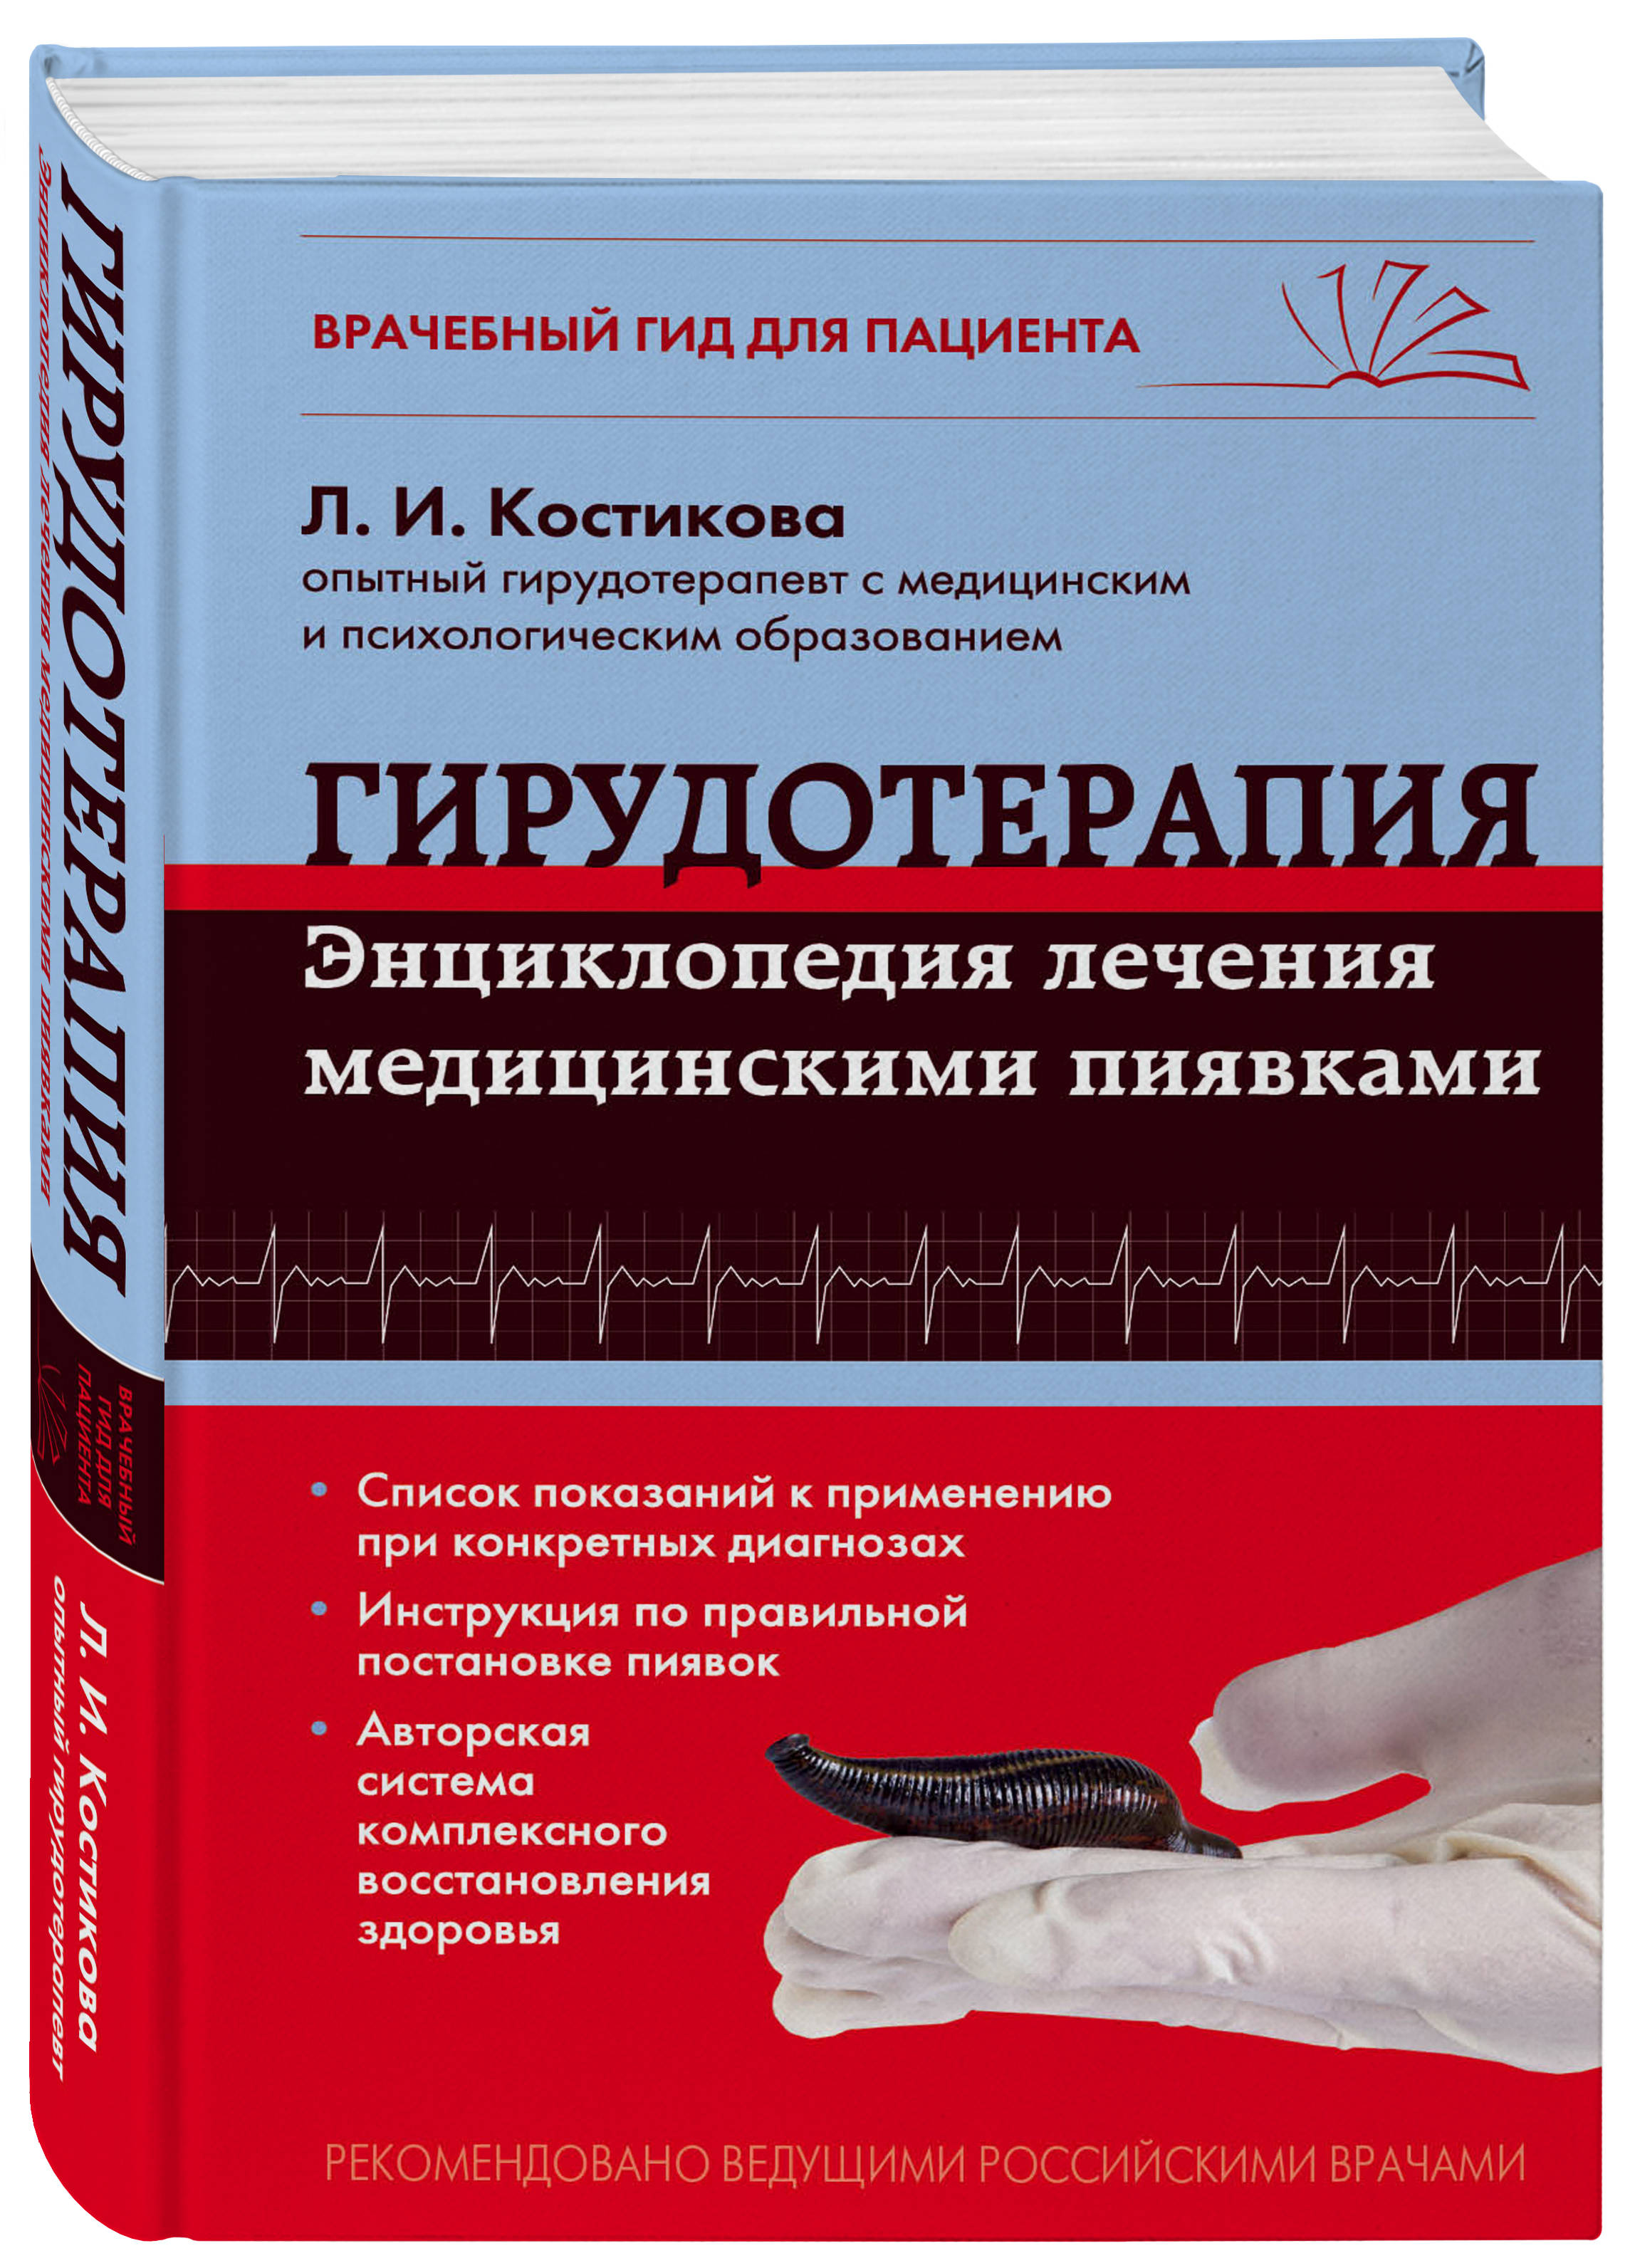 Костикова Л.И. Гирудотерапия. Энциклопедия лечения медицинскими пиявками